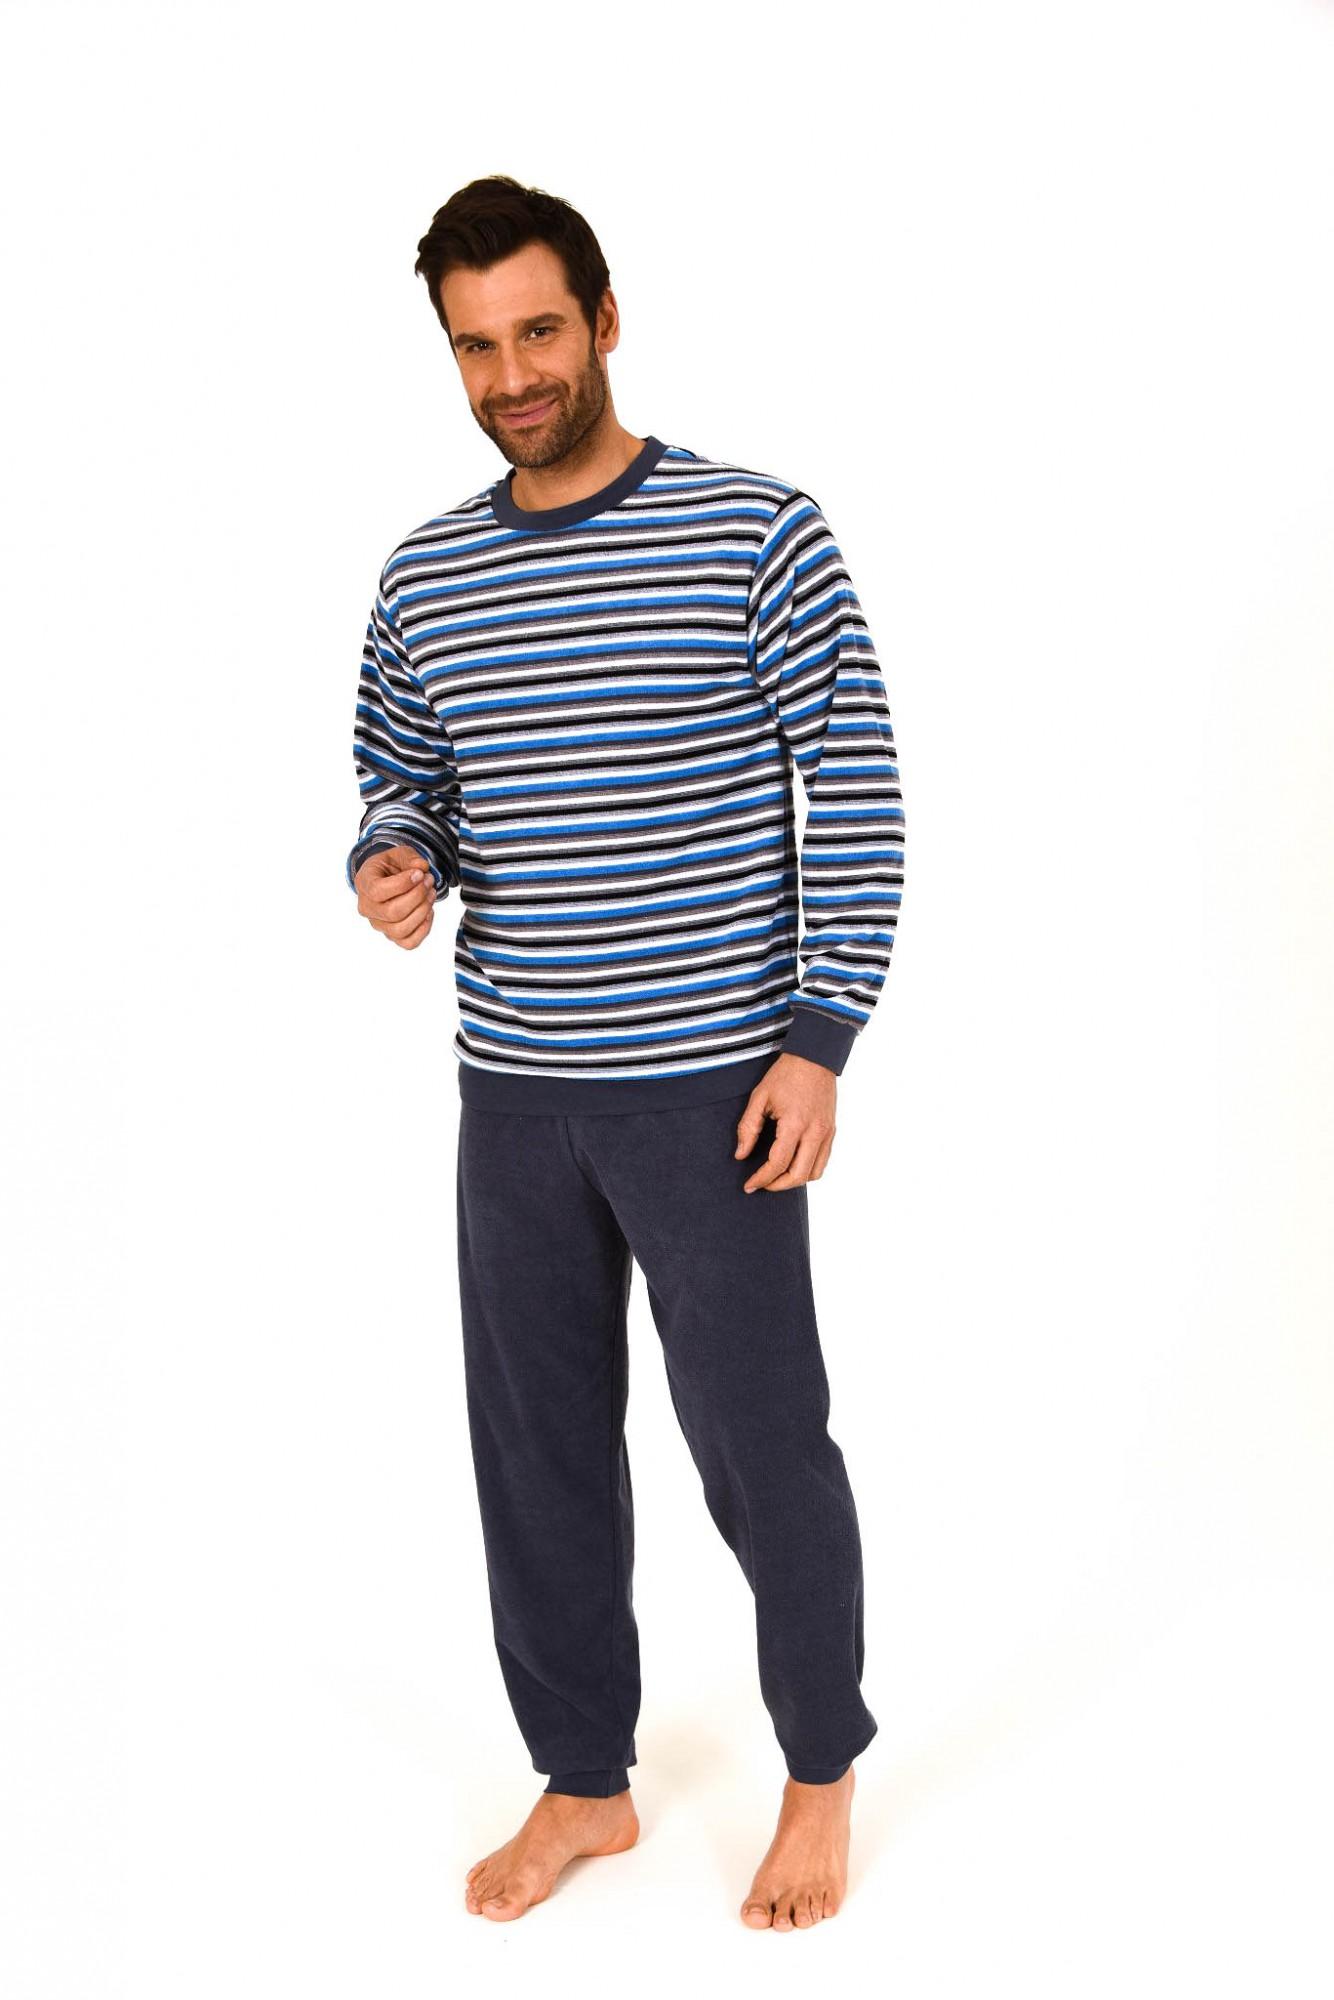 Herren Frottee Pyjama lang mit Bündchen – Ringeldessin – 261 101 93 732 001